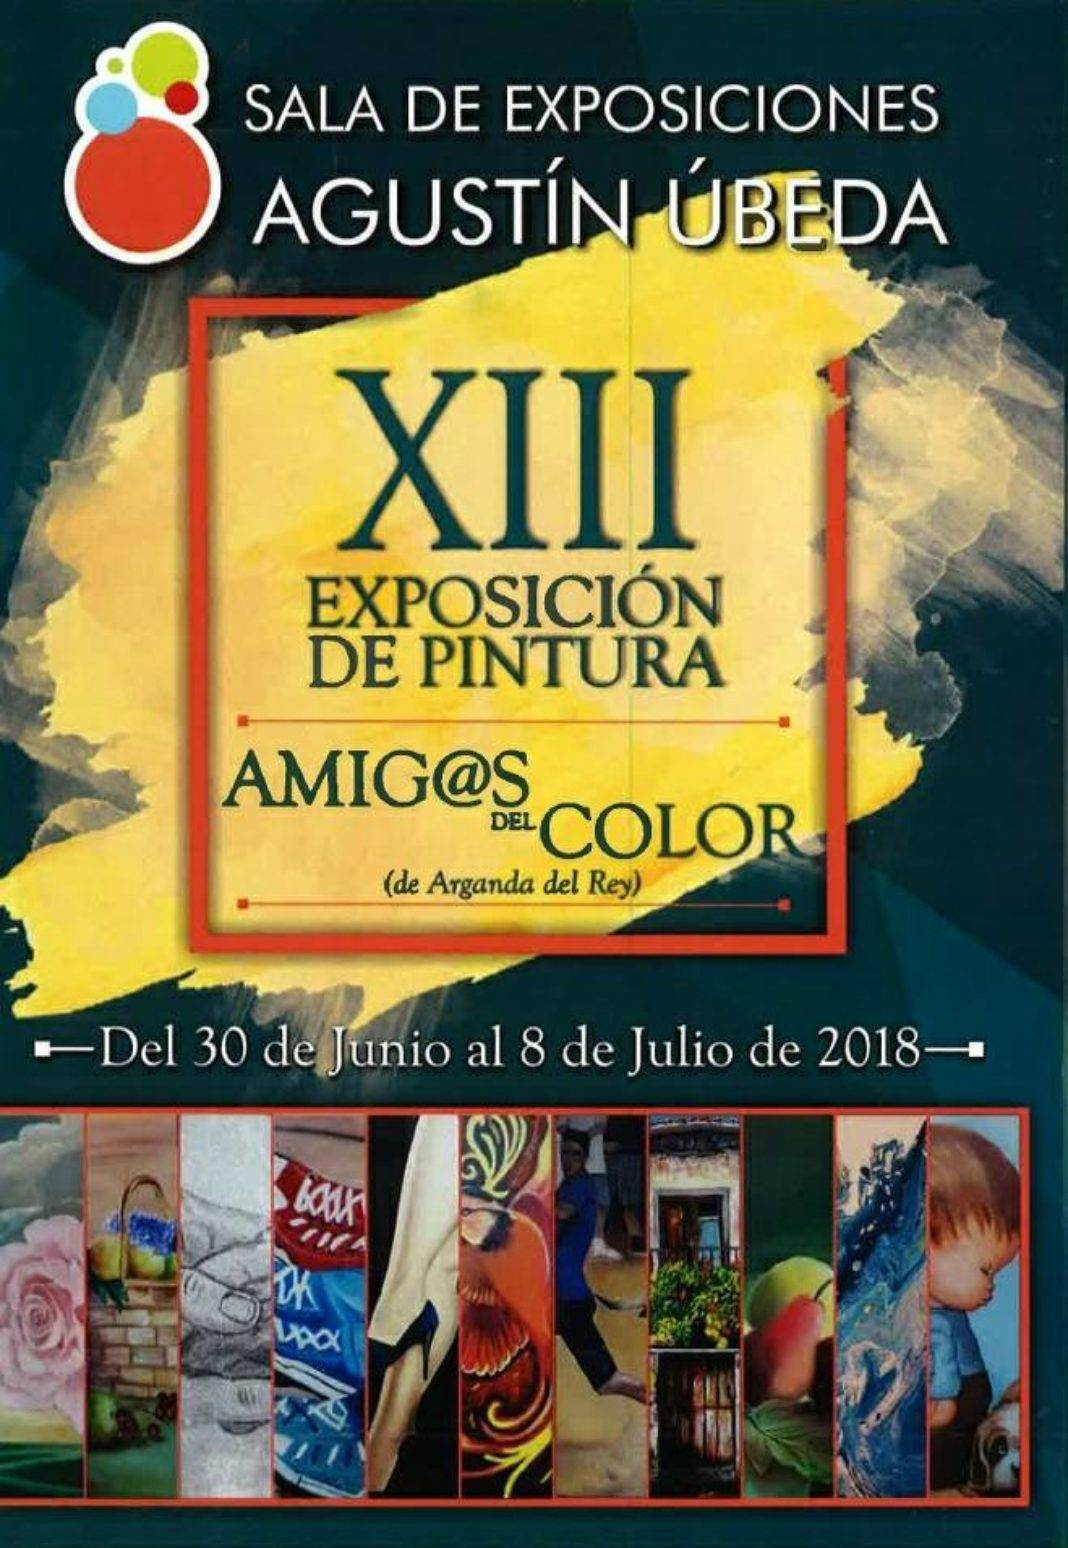 XIII Exposicion Amigas del Color 1068x1548 - XIII Exposición de pintura Amig@s del Color